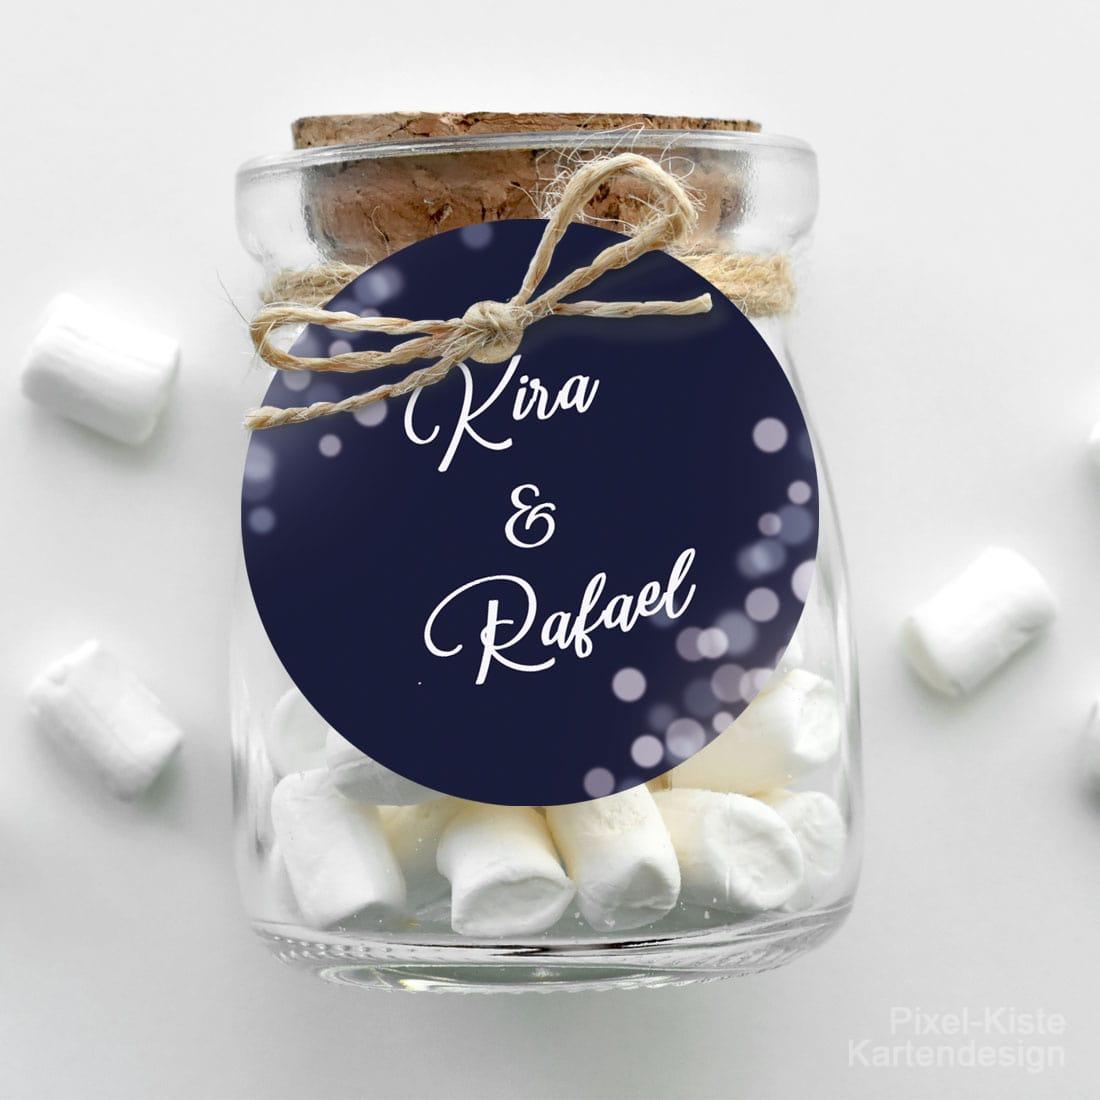 Giveaway Hochzeit: Anhänger Für Hochzeitseinladung Giveaway Gastgeschenk